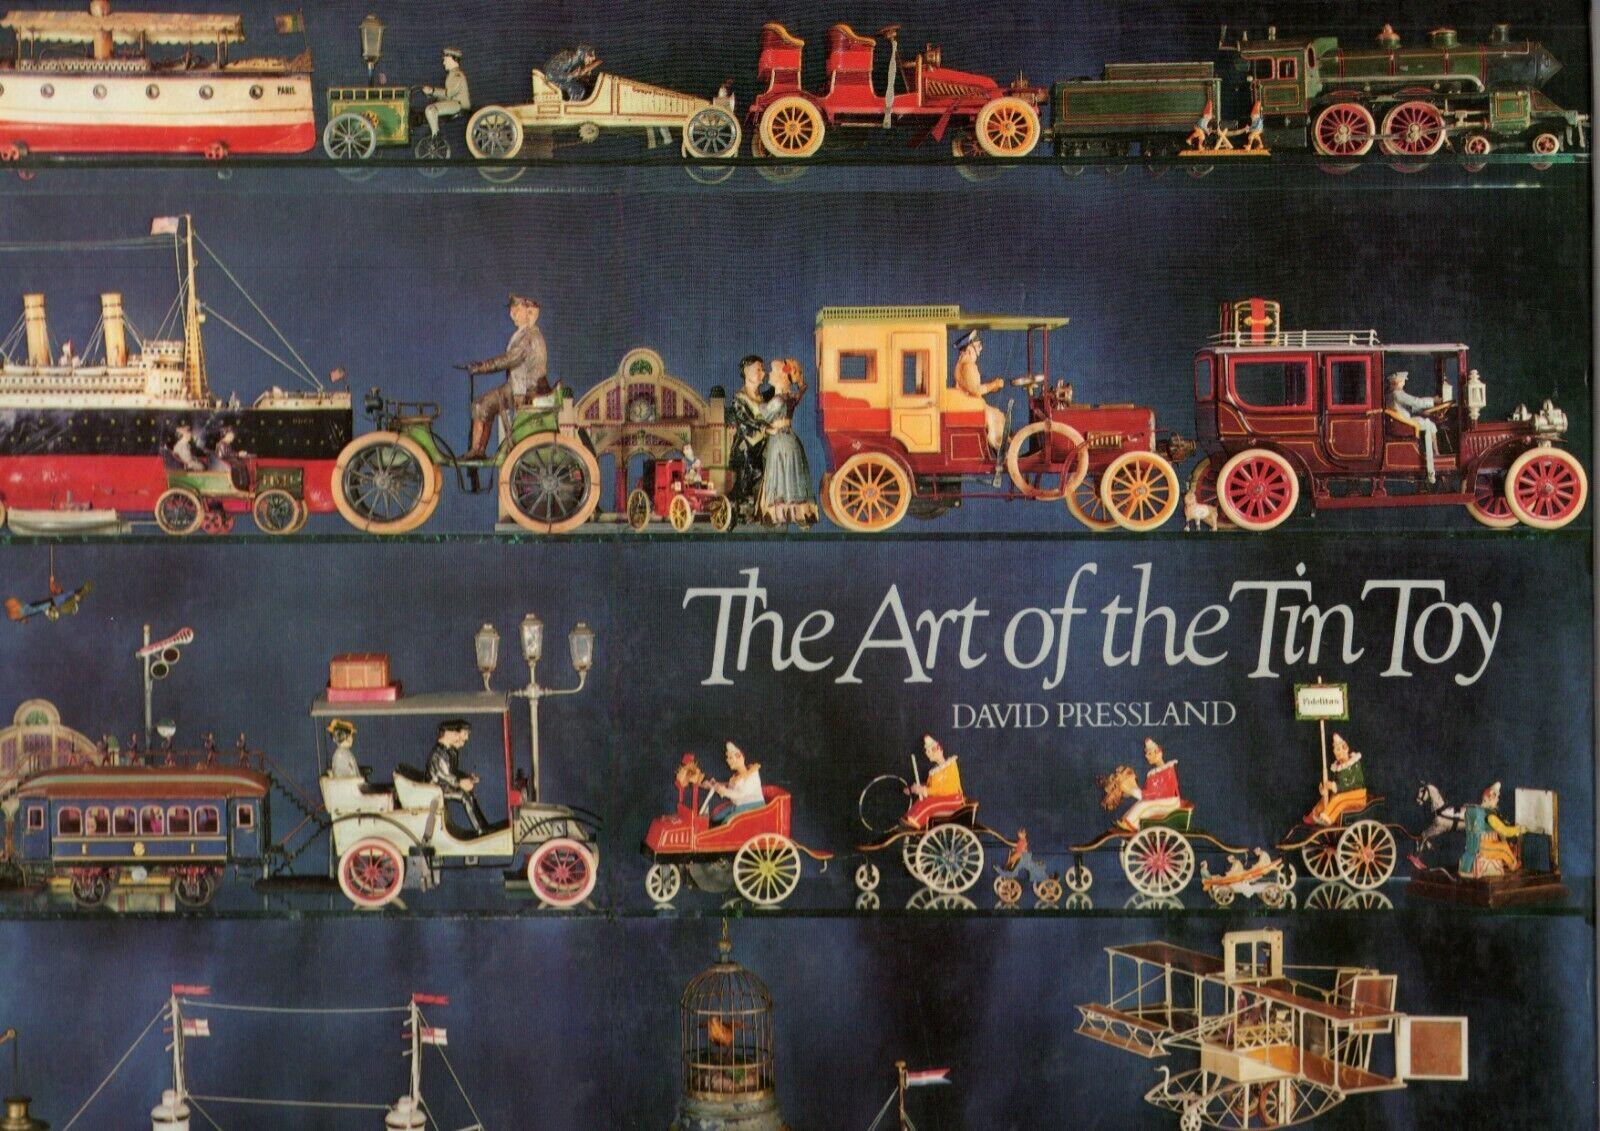 Book book the art of the tin  toy david pressland nouveau cavendish books london  point de vente